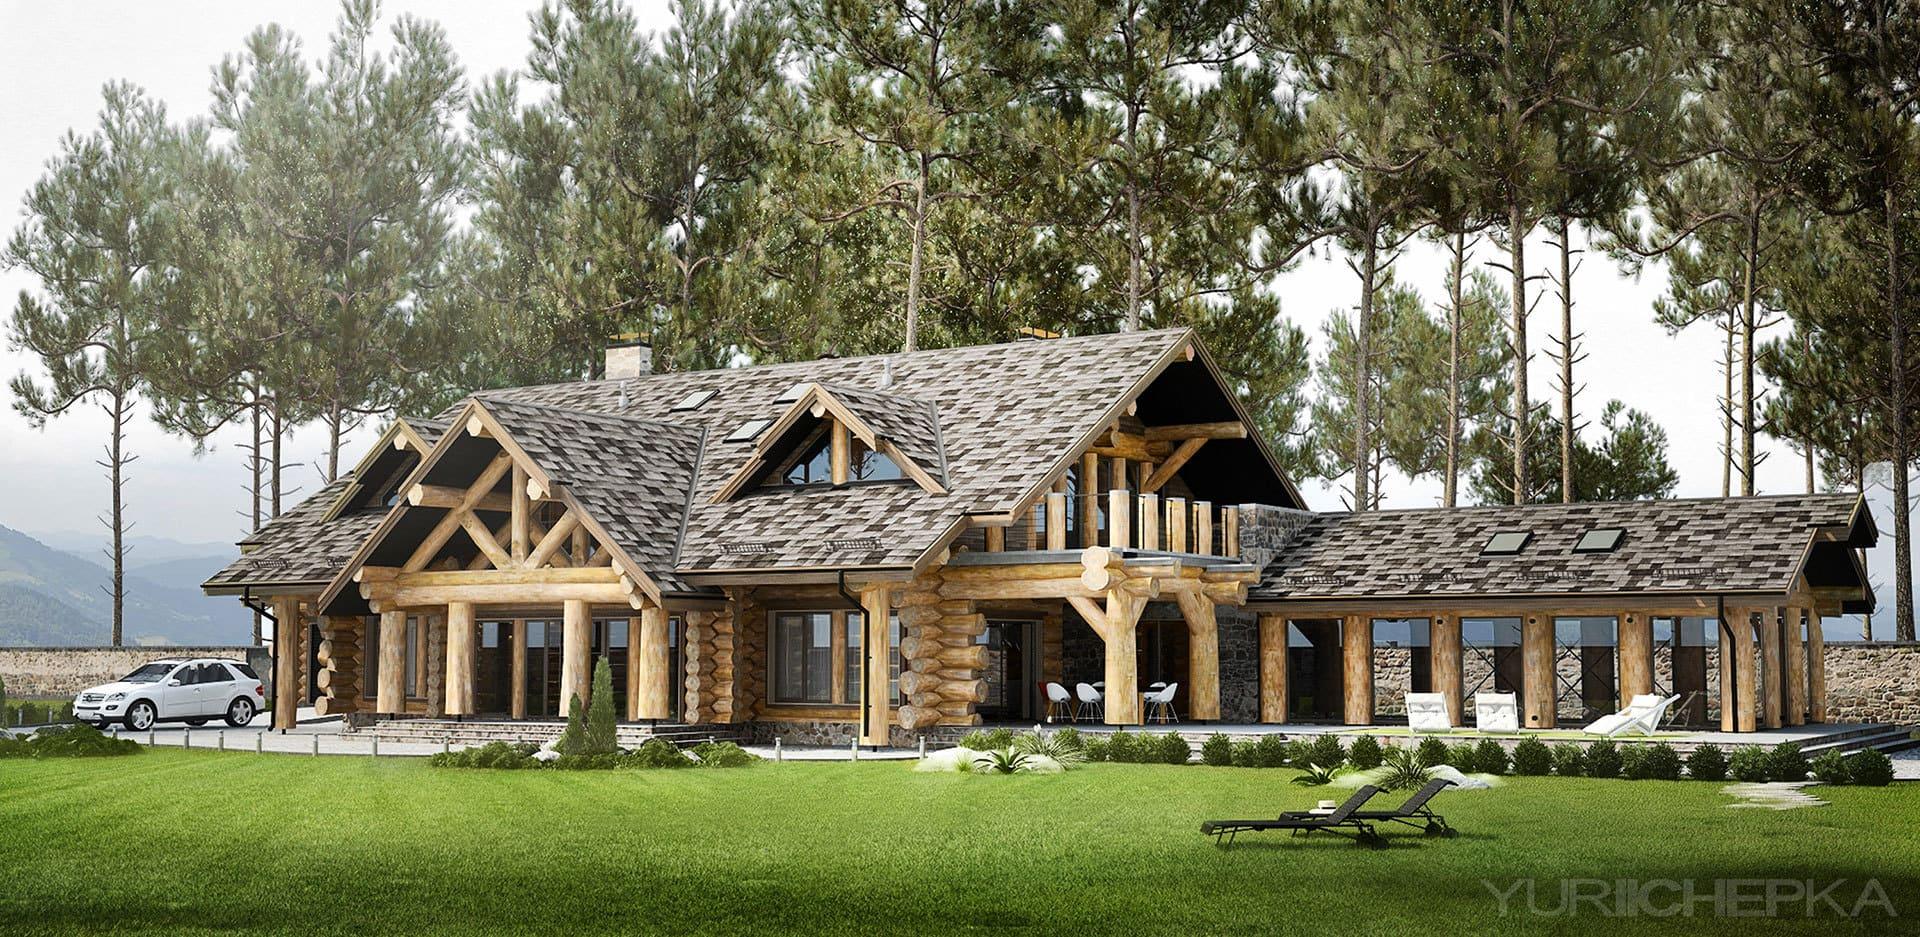 Будинок з дикого брусу діаметром 45 см. Загальна площа 720 м.кв.